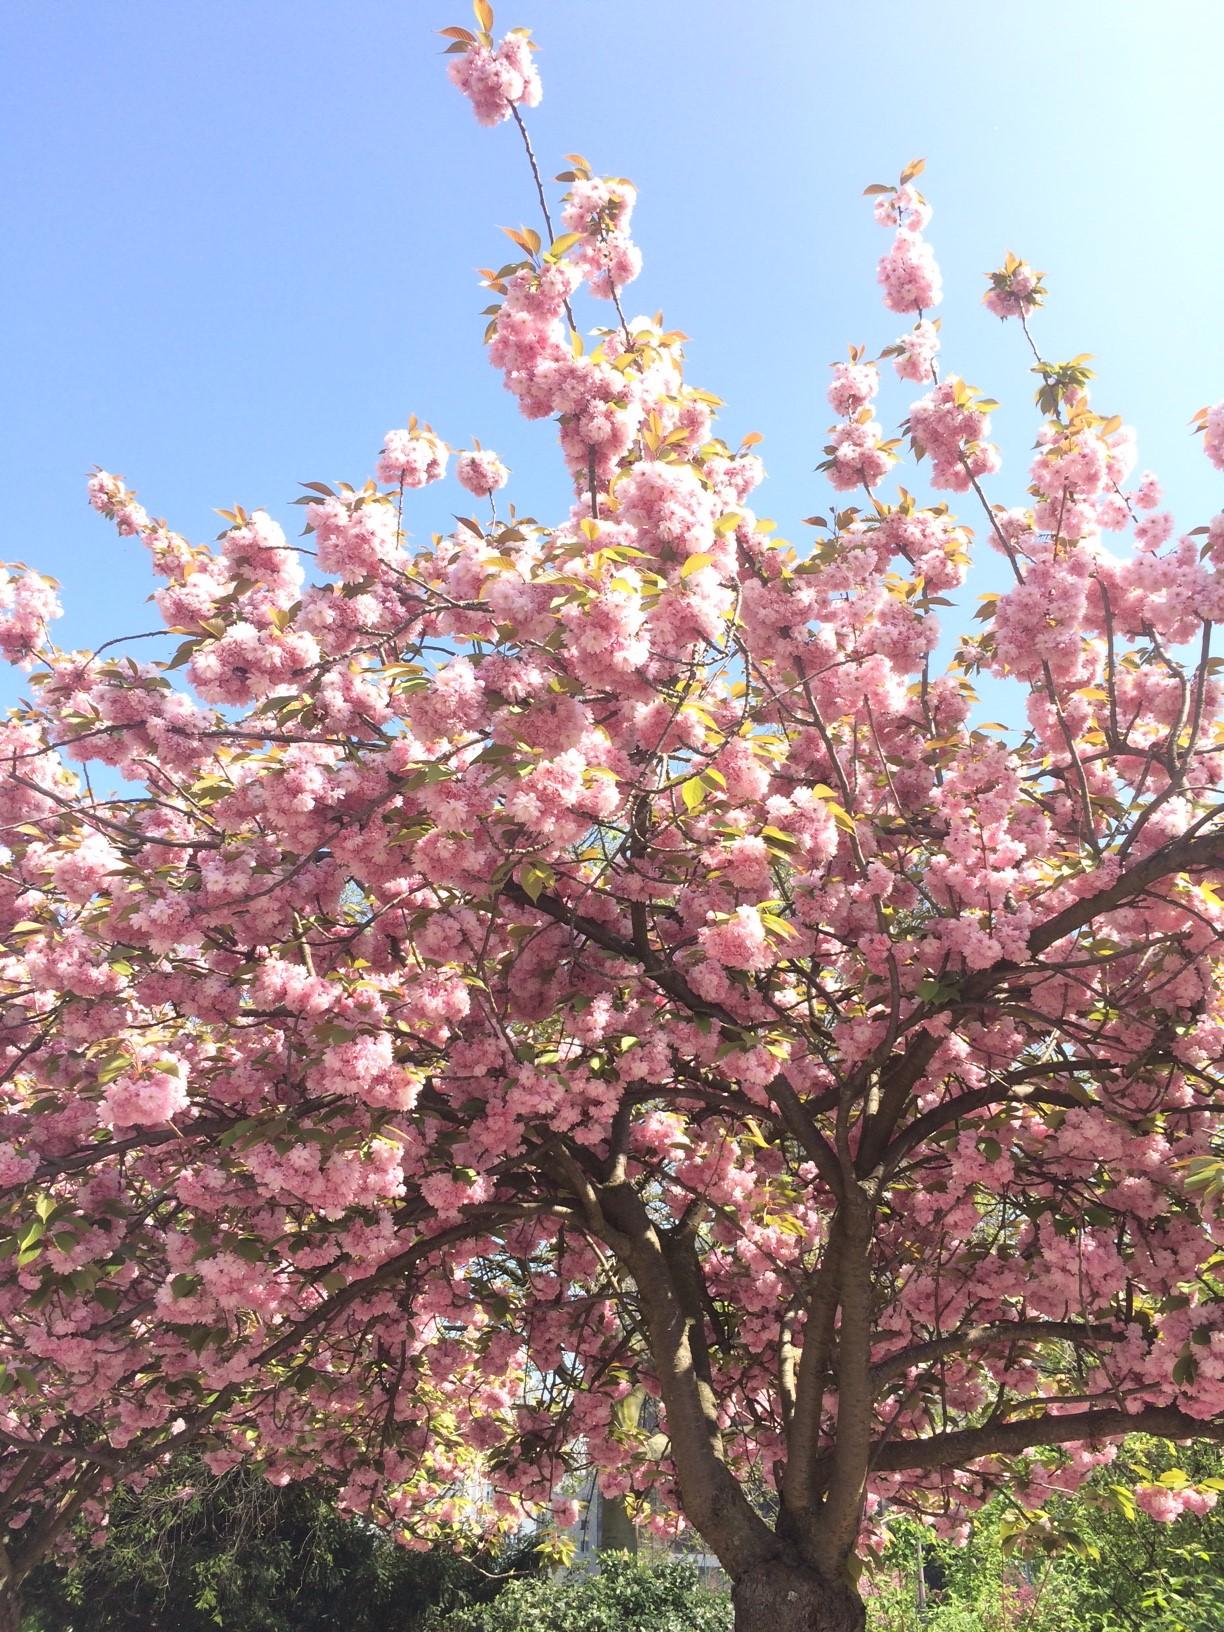 blog_sironimo_fleurs_sakura_avril_2017 (3)_bis